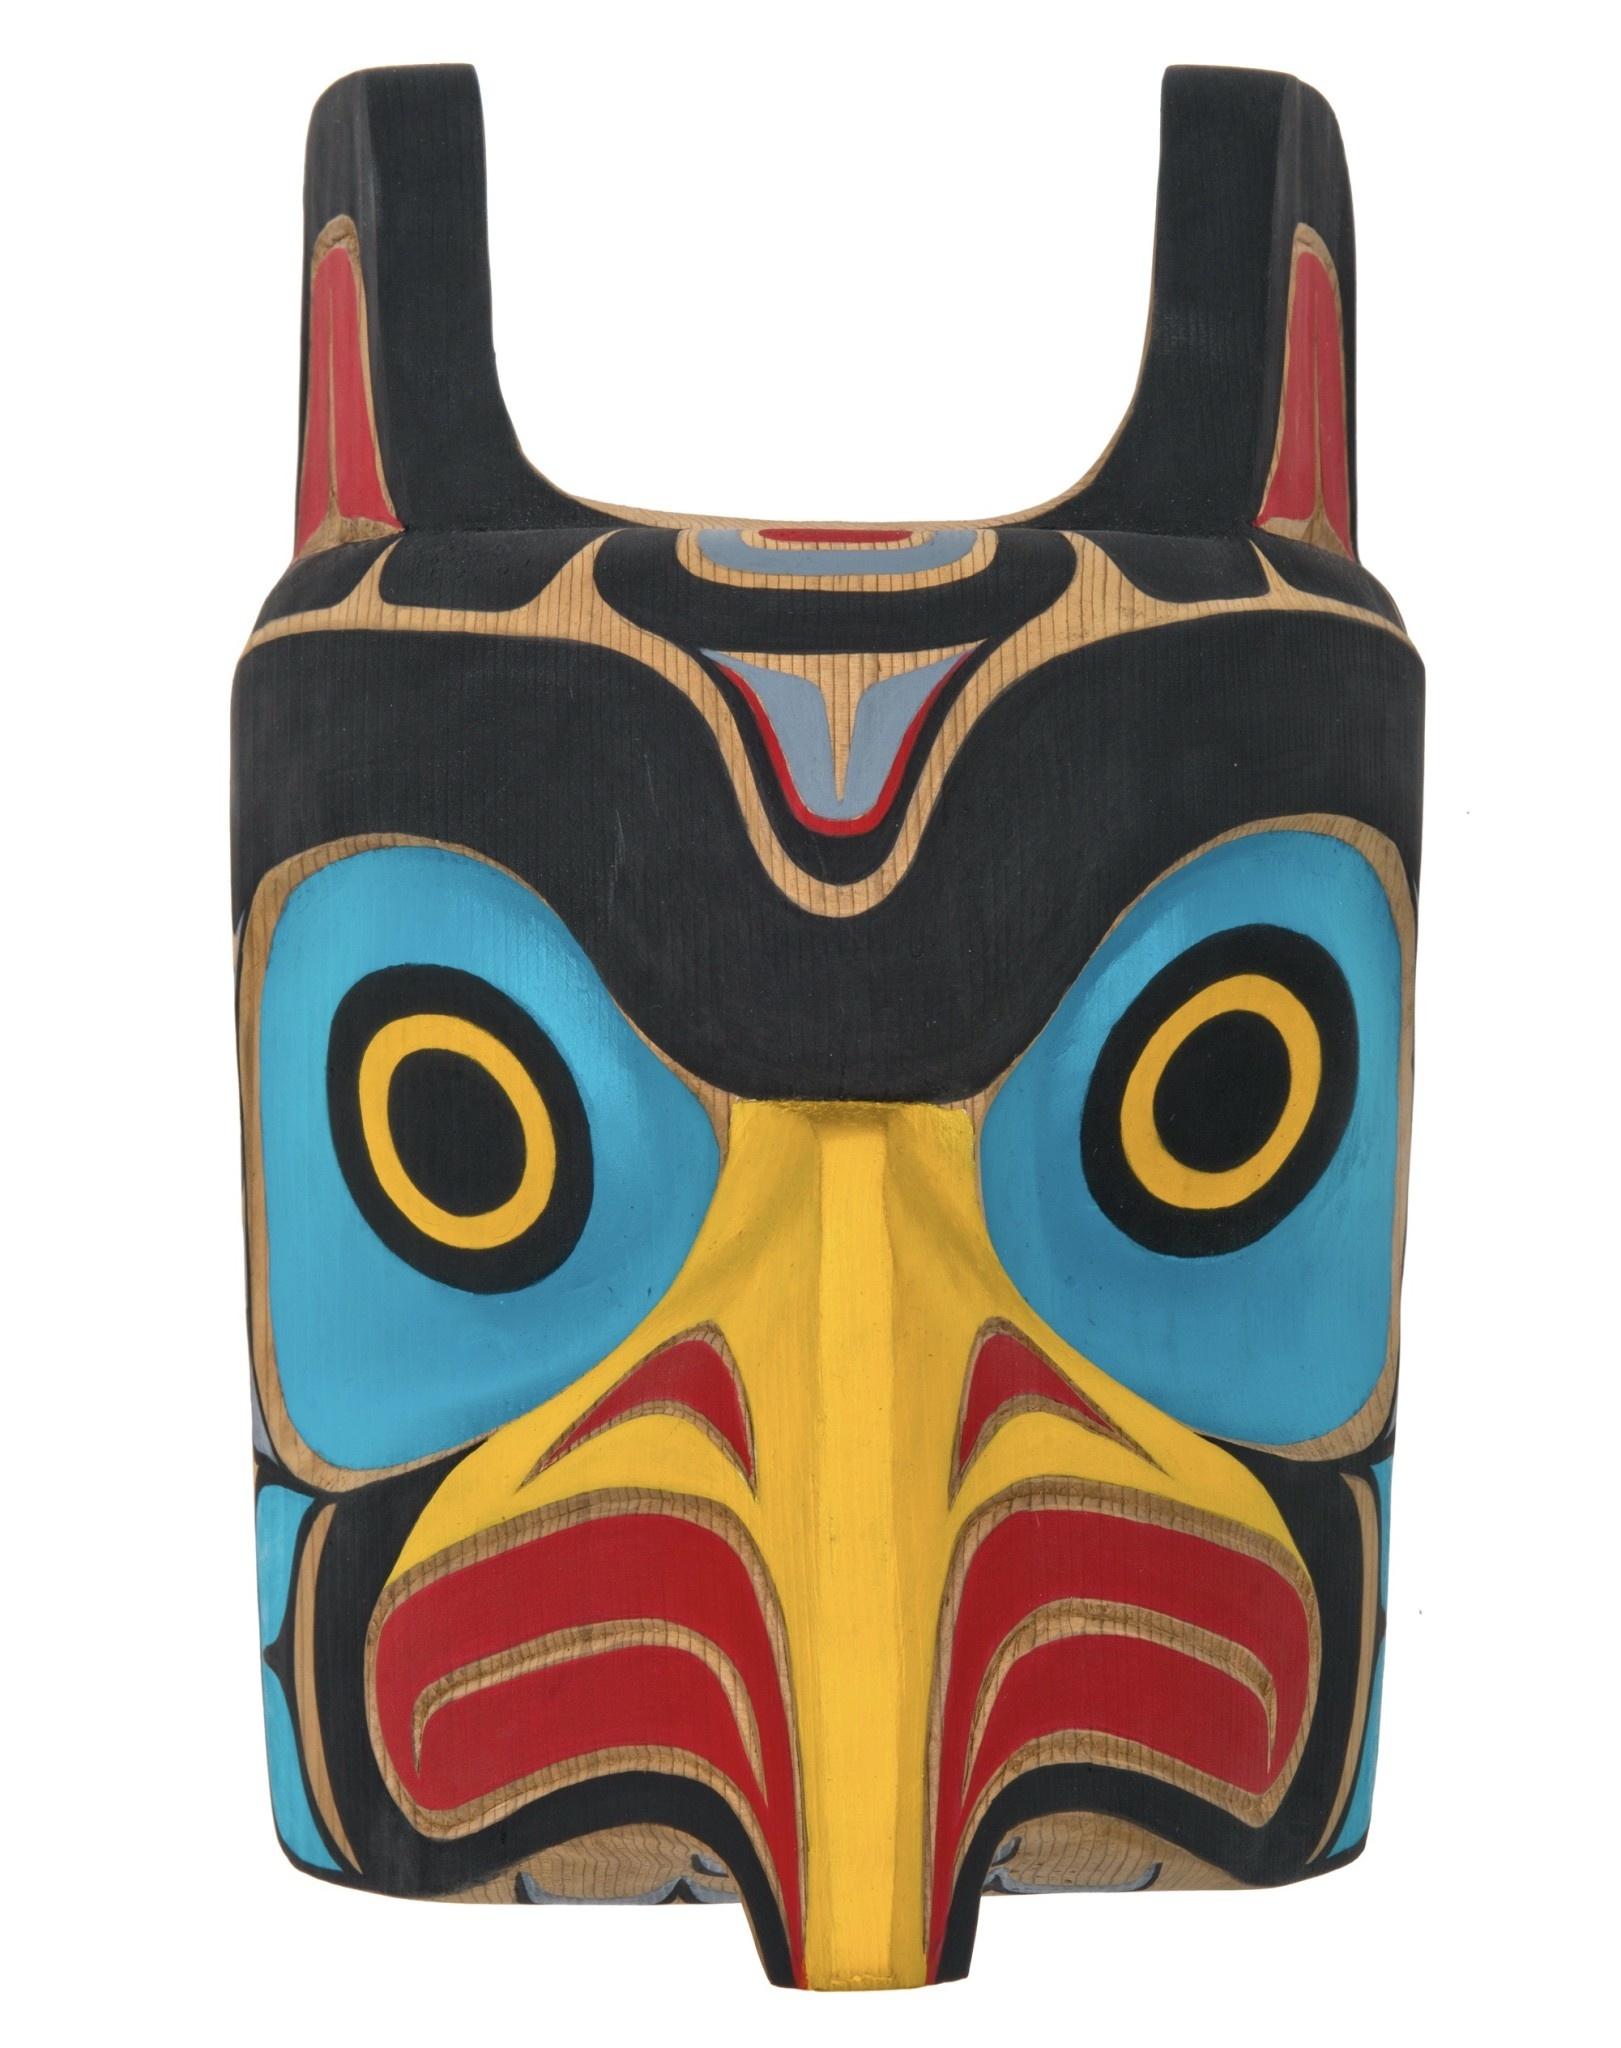 Kwak'waka'wakw Owl Mask